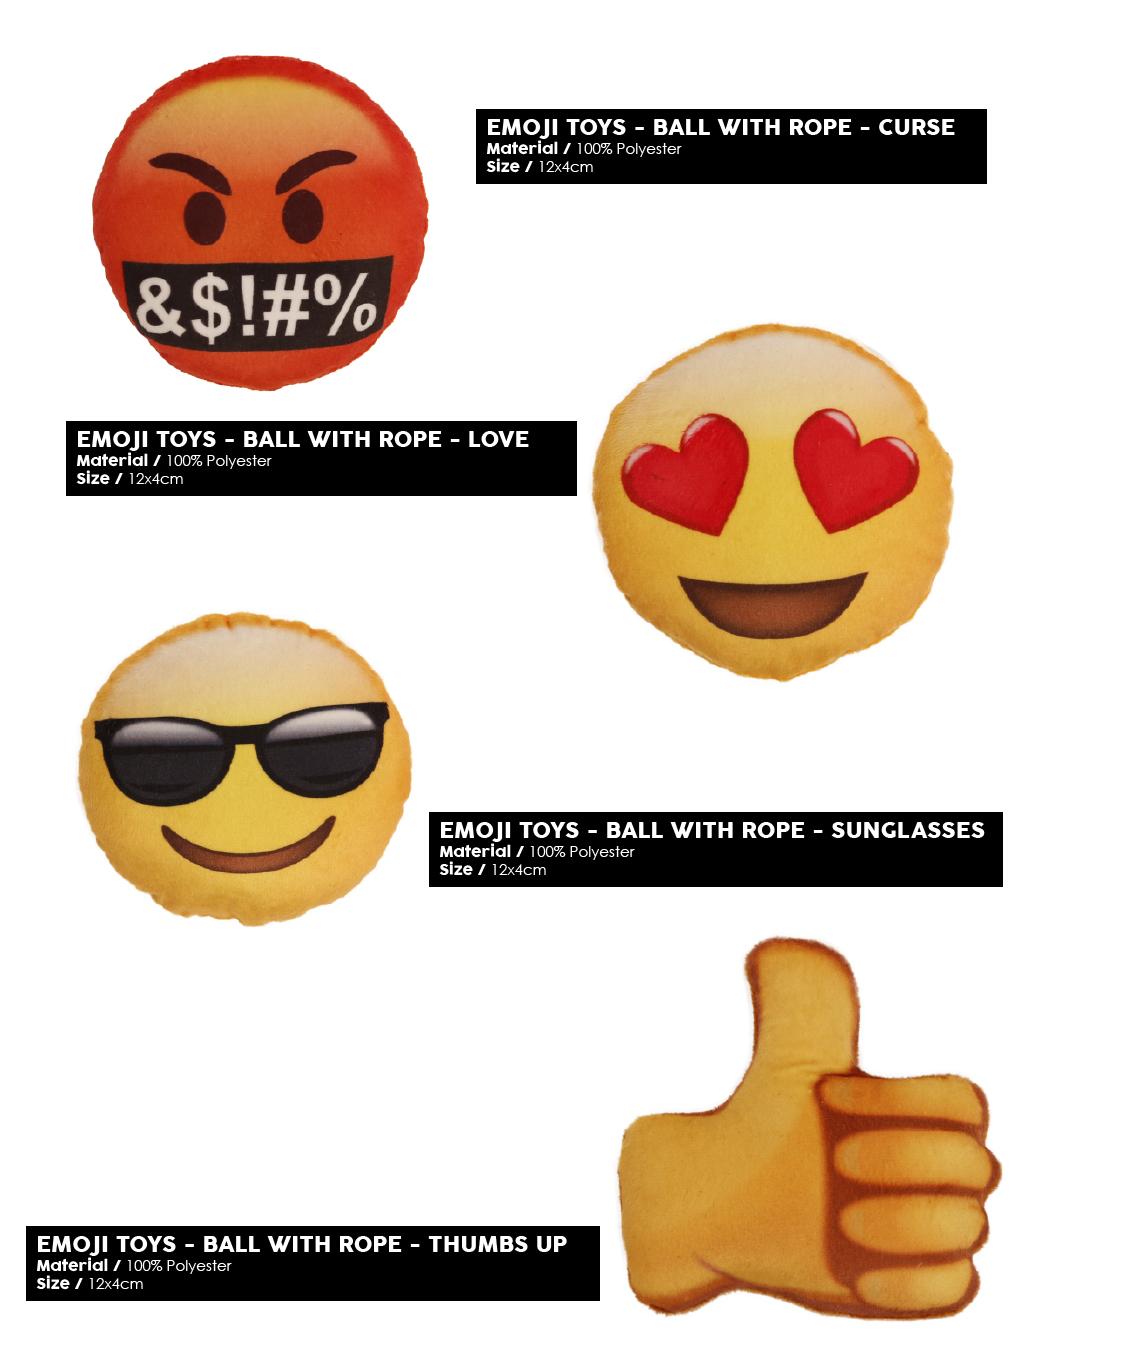 51DN - Play - Emoji Toys - 2